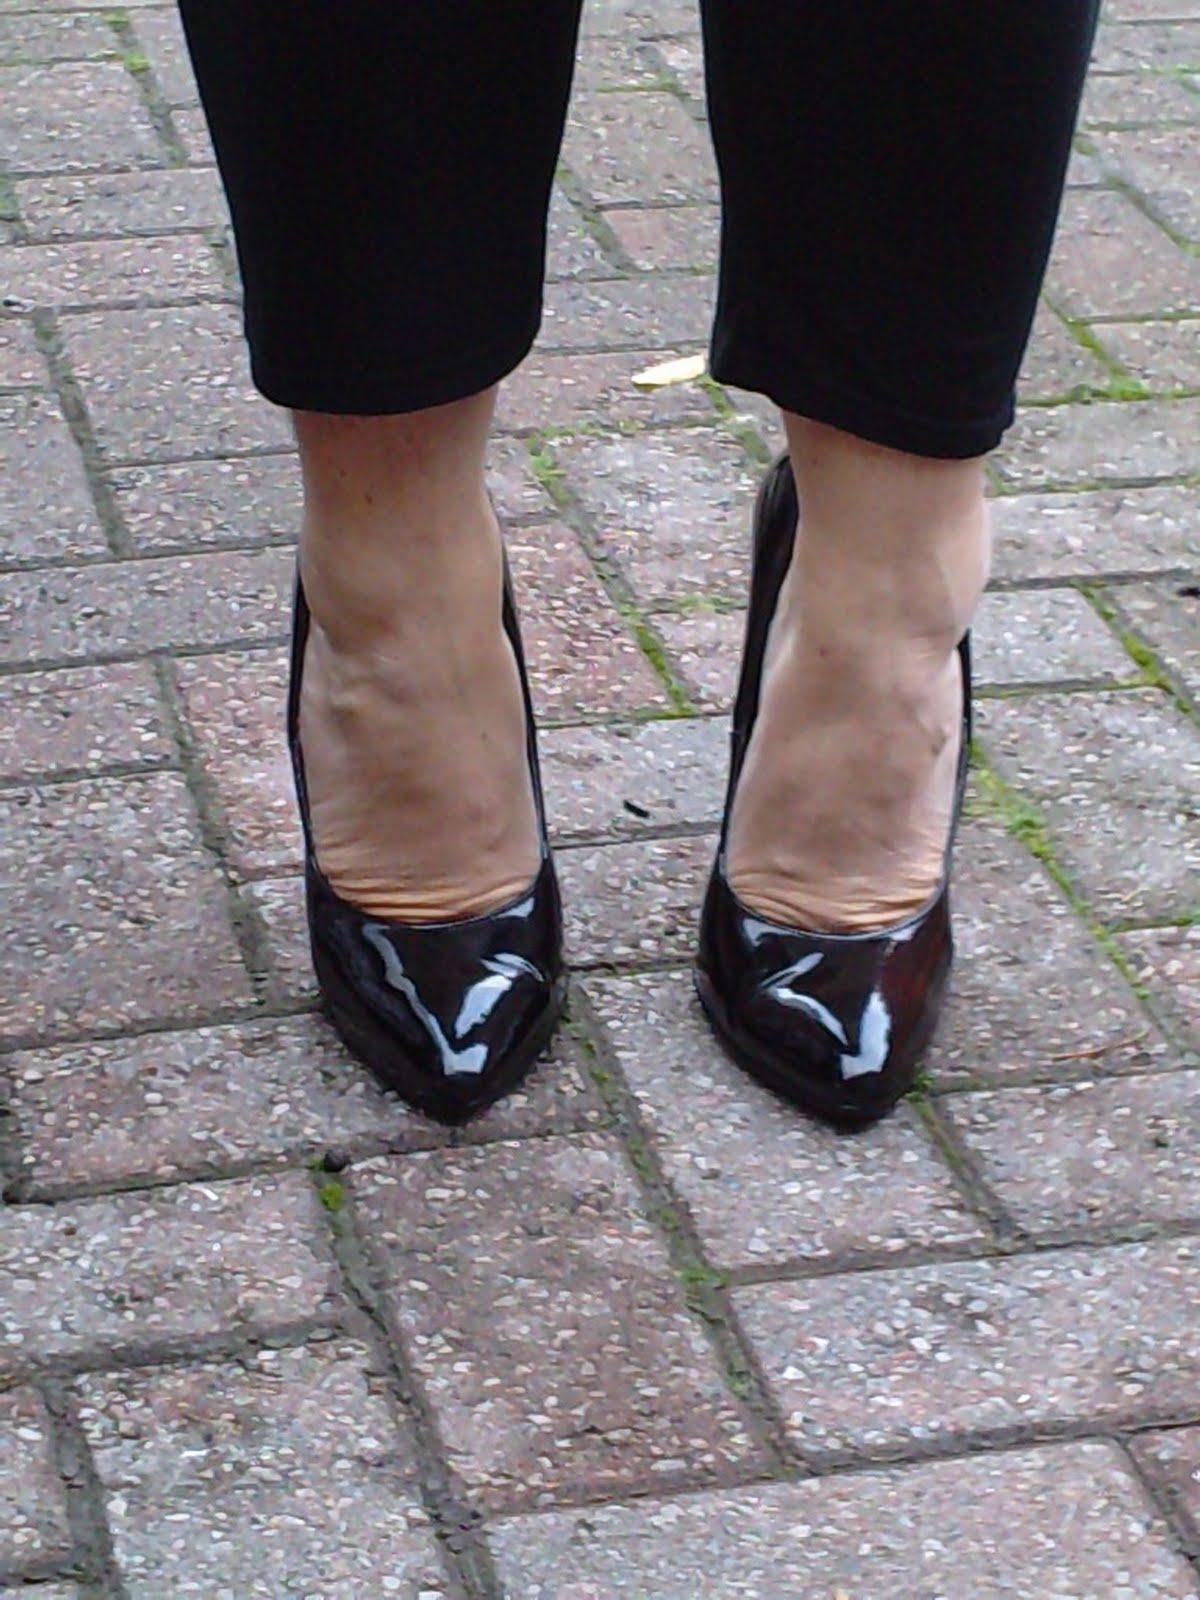 Seksi visoke pete Obutev, ki se nosijo Redni čevlje z visoko peto sodišča-4340